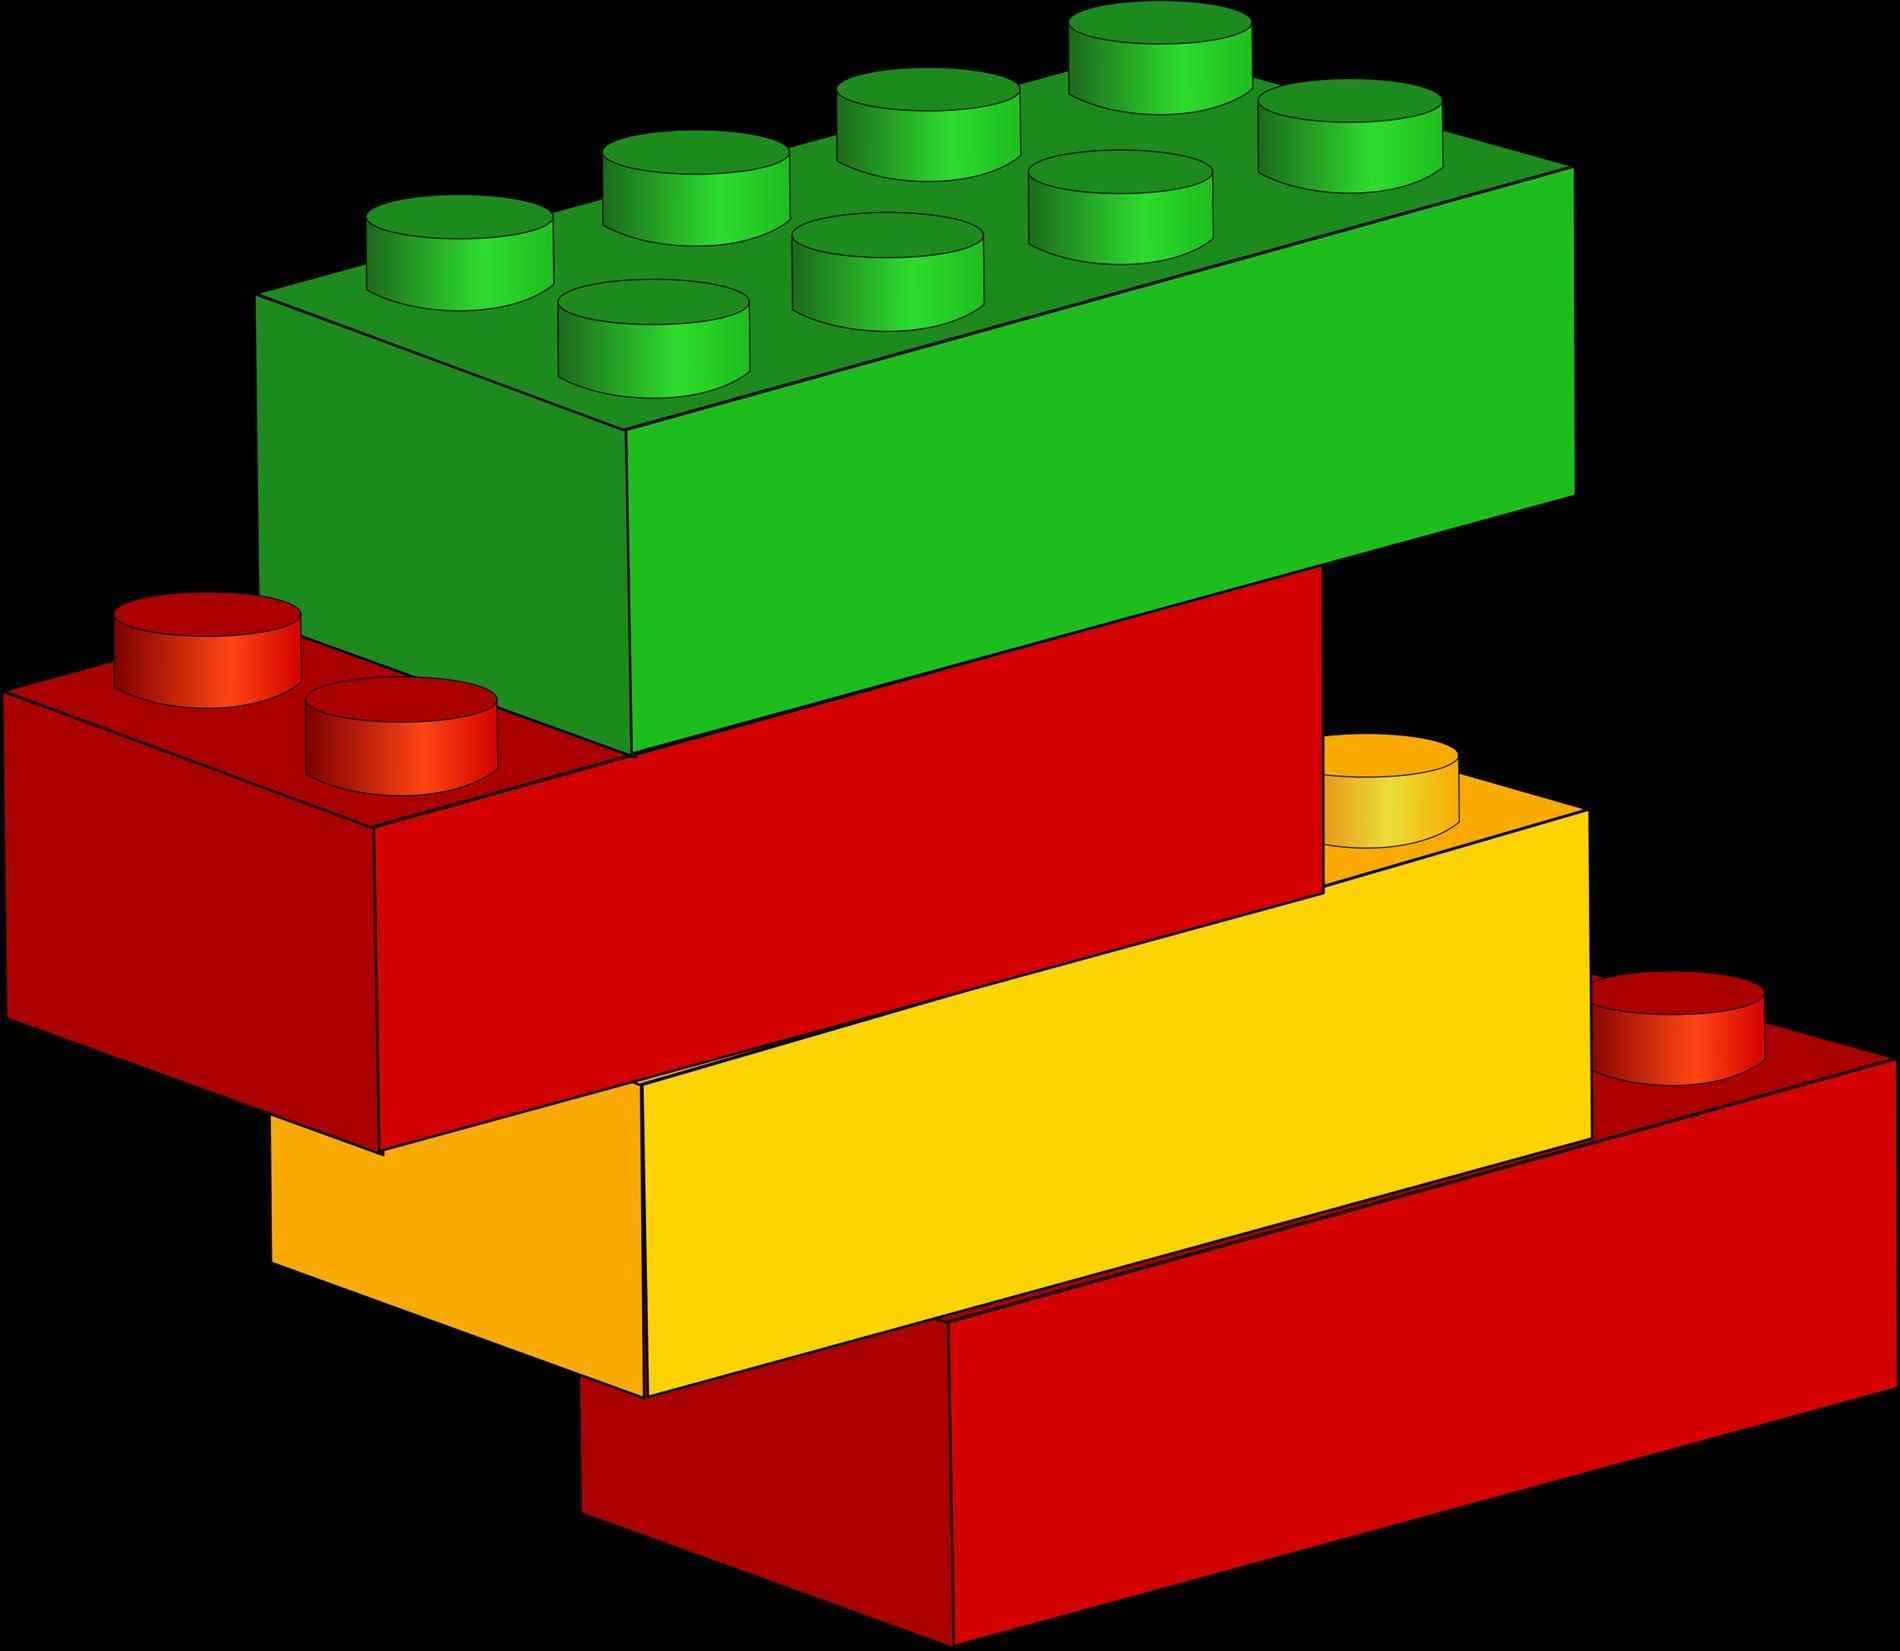 1900x1651 Brick Brick House Of Bricks Clipart Many Interesting S Free